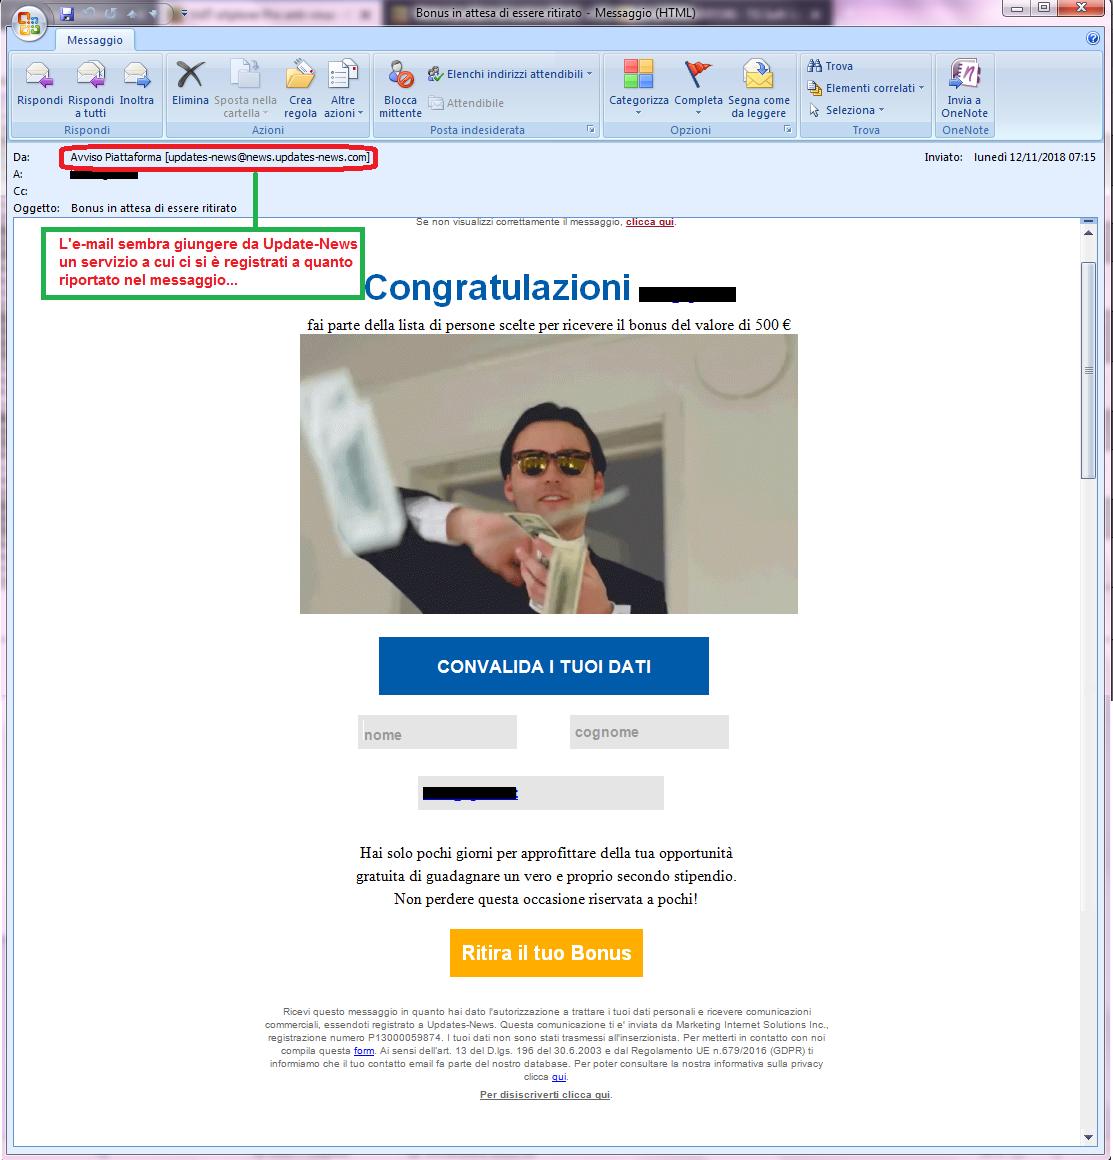 Clicca per ingrandire l'immagine della falsa e-mail di Updates-News che offre la possibilità di vincere un buono di 500€ ma in realtà è una TRUFFA!